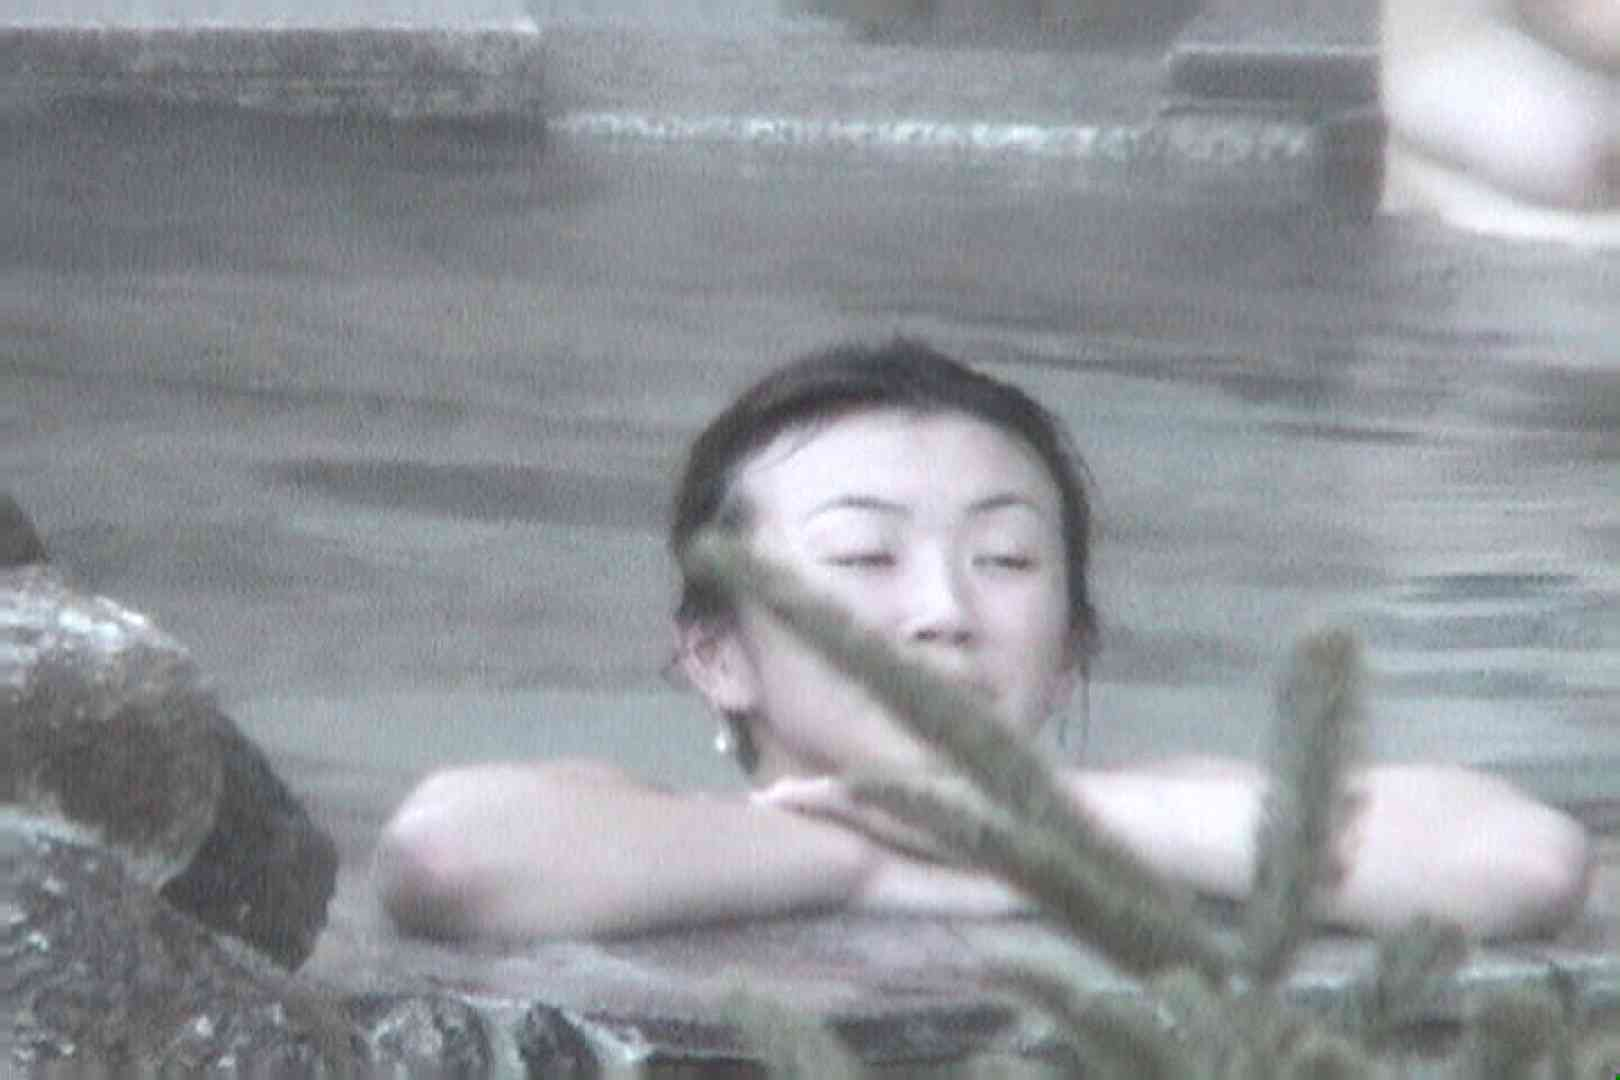 Aquaな露天風呂Vol.561 盗撮 | 露天  75画像 19